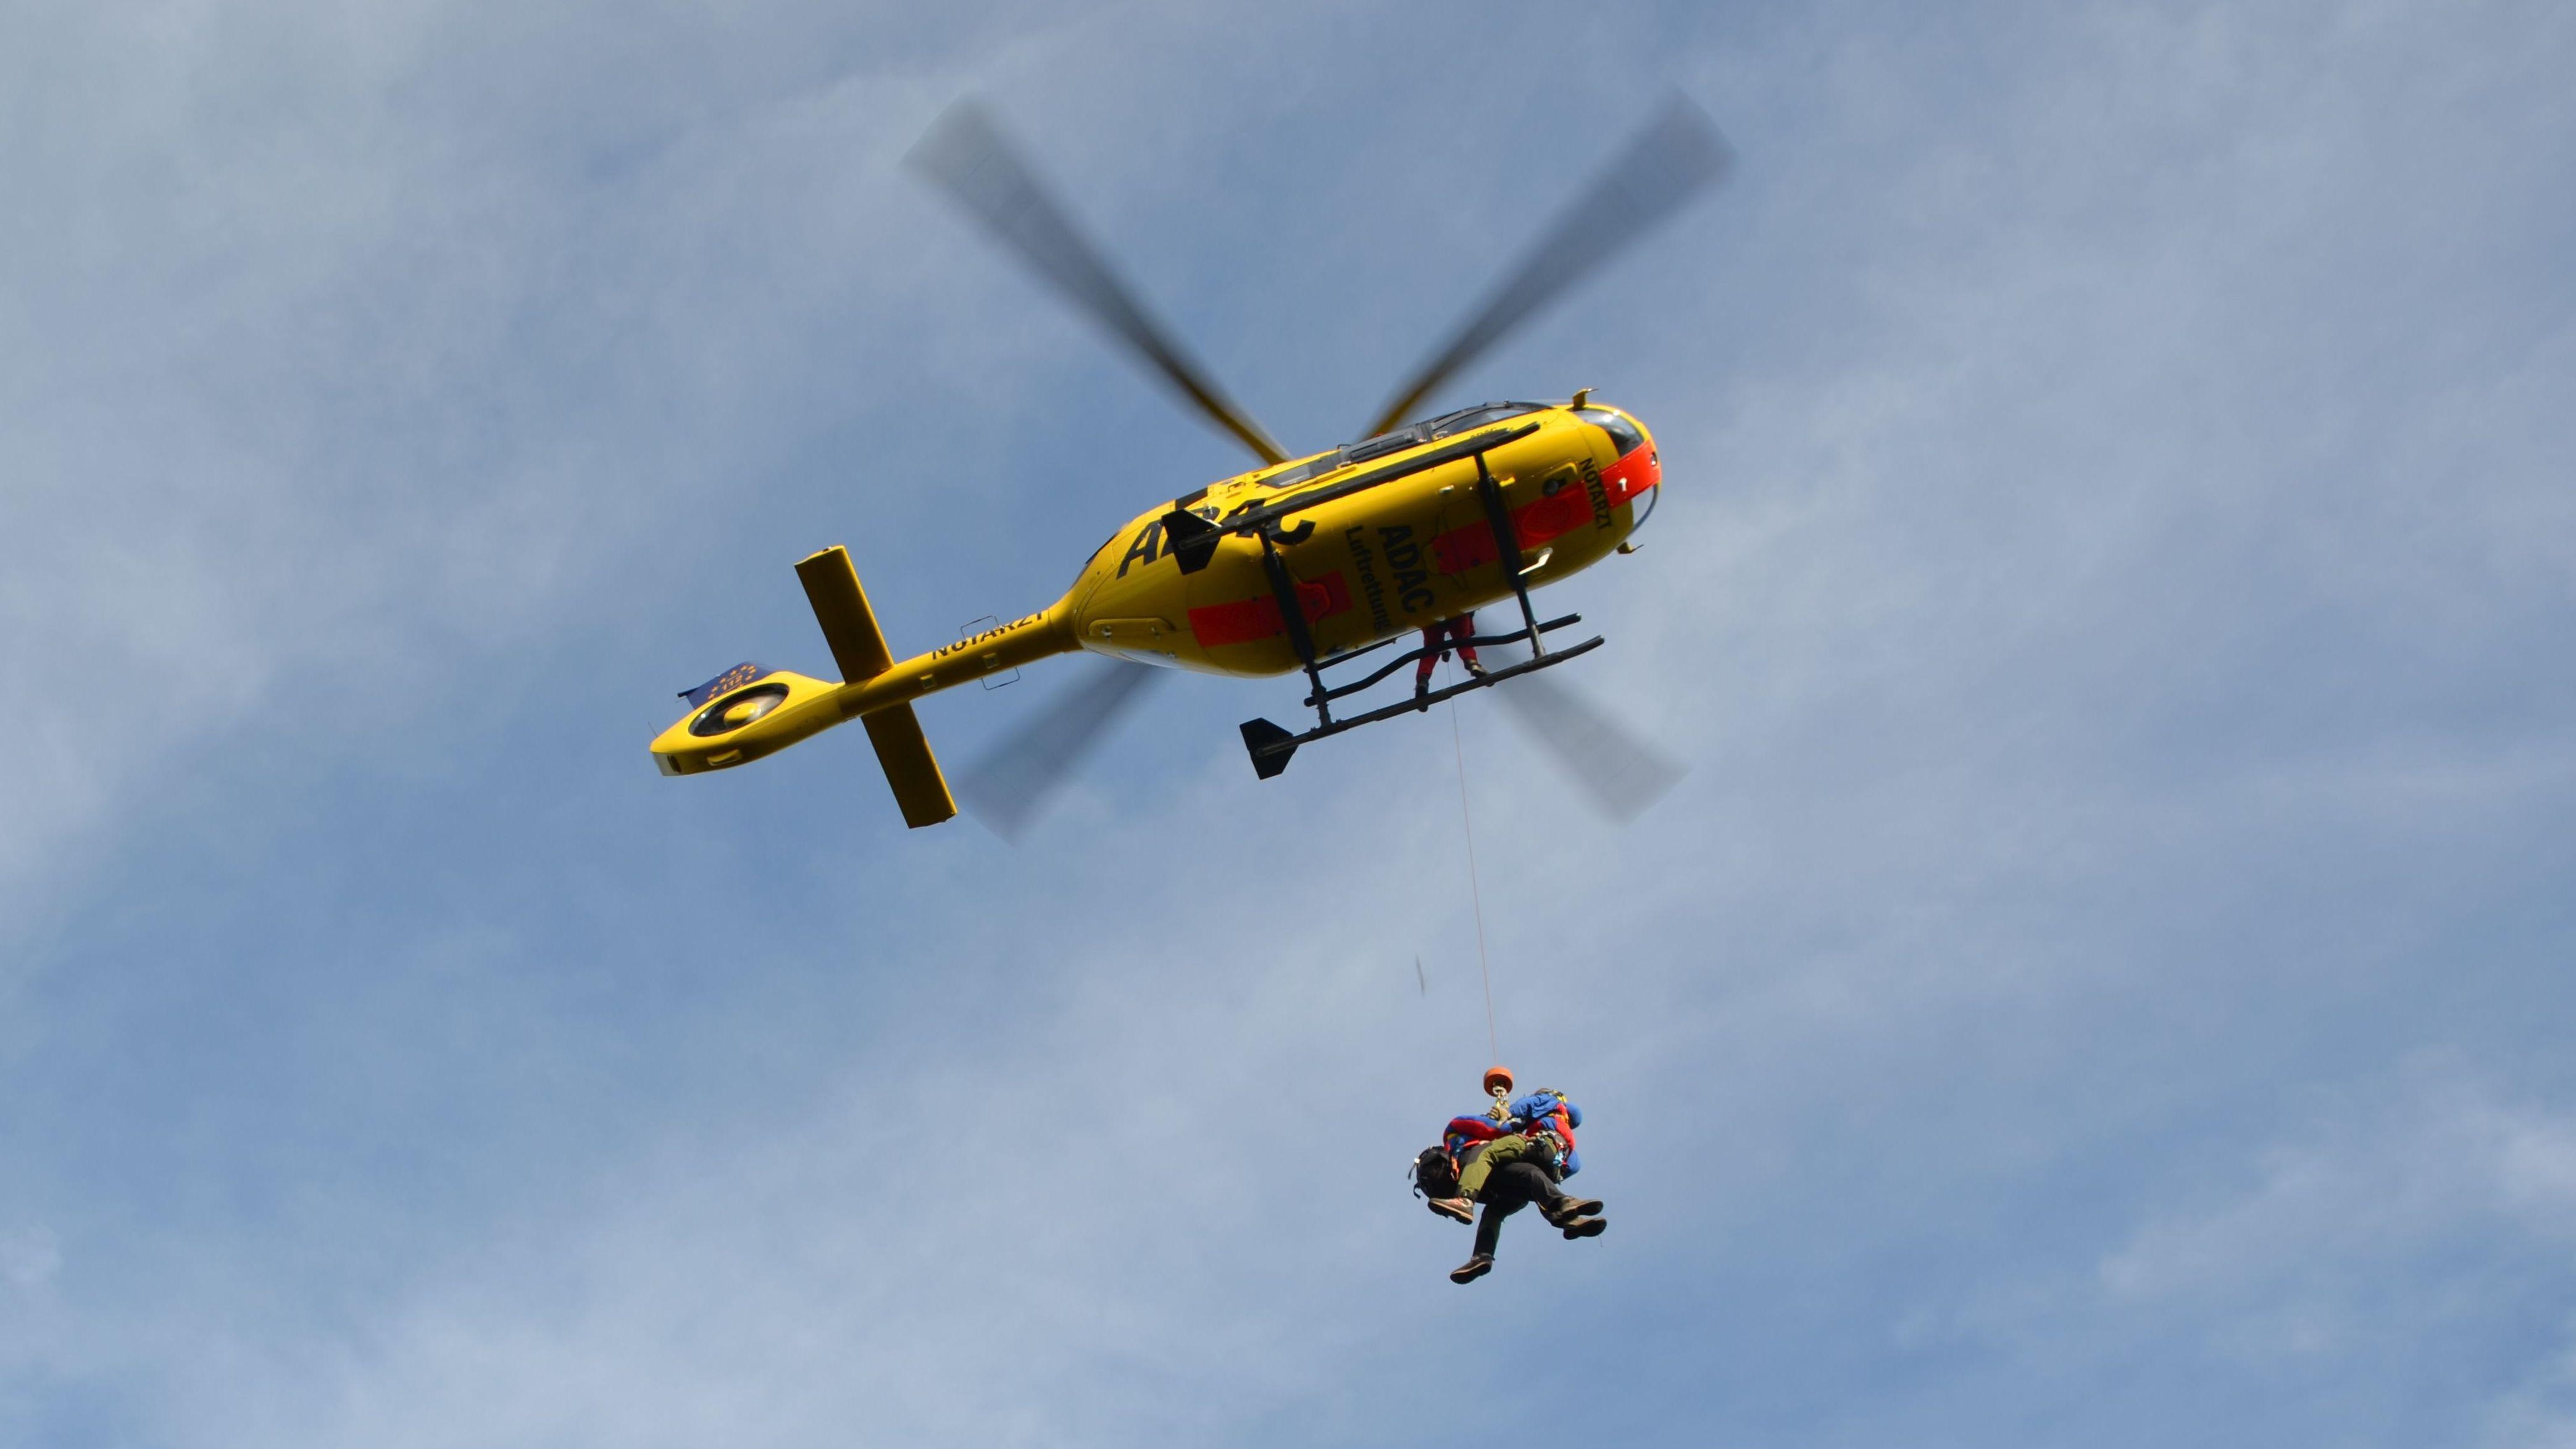 Zu den Partnern der Luftrettung gehört unter anderem auch der ADAC.